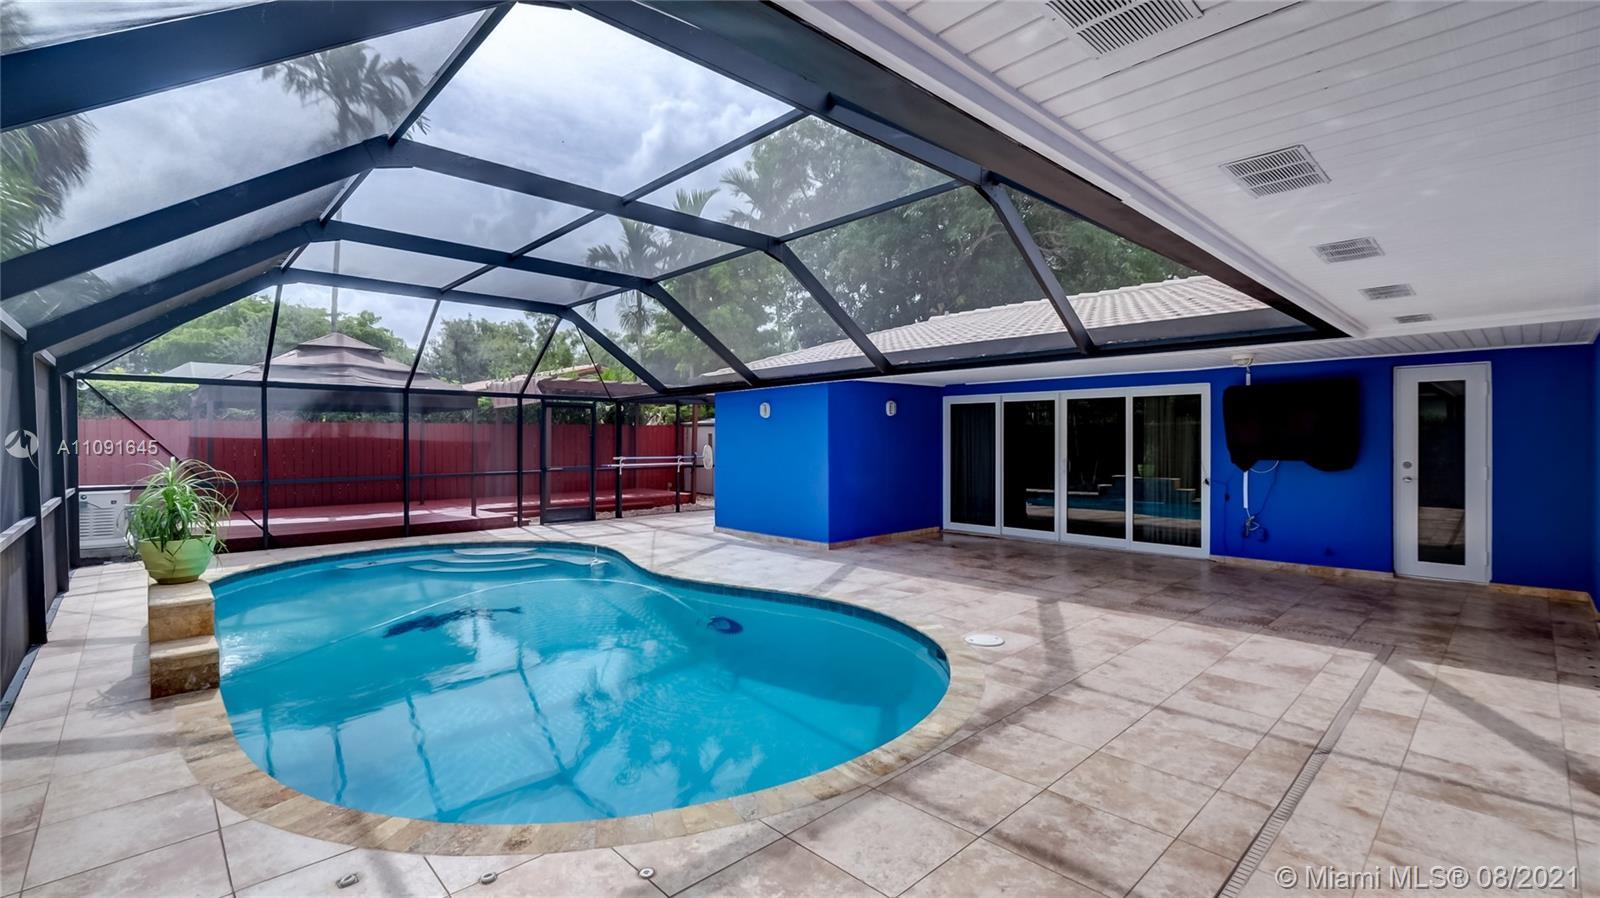 14121 Cypress Ct, Miami Lakes, Florida 33014